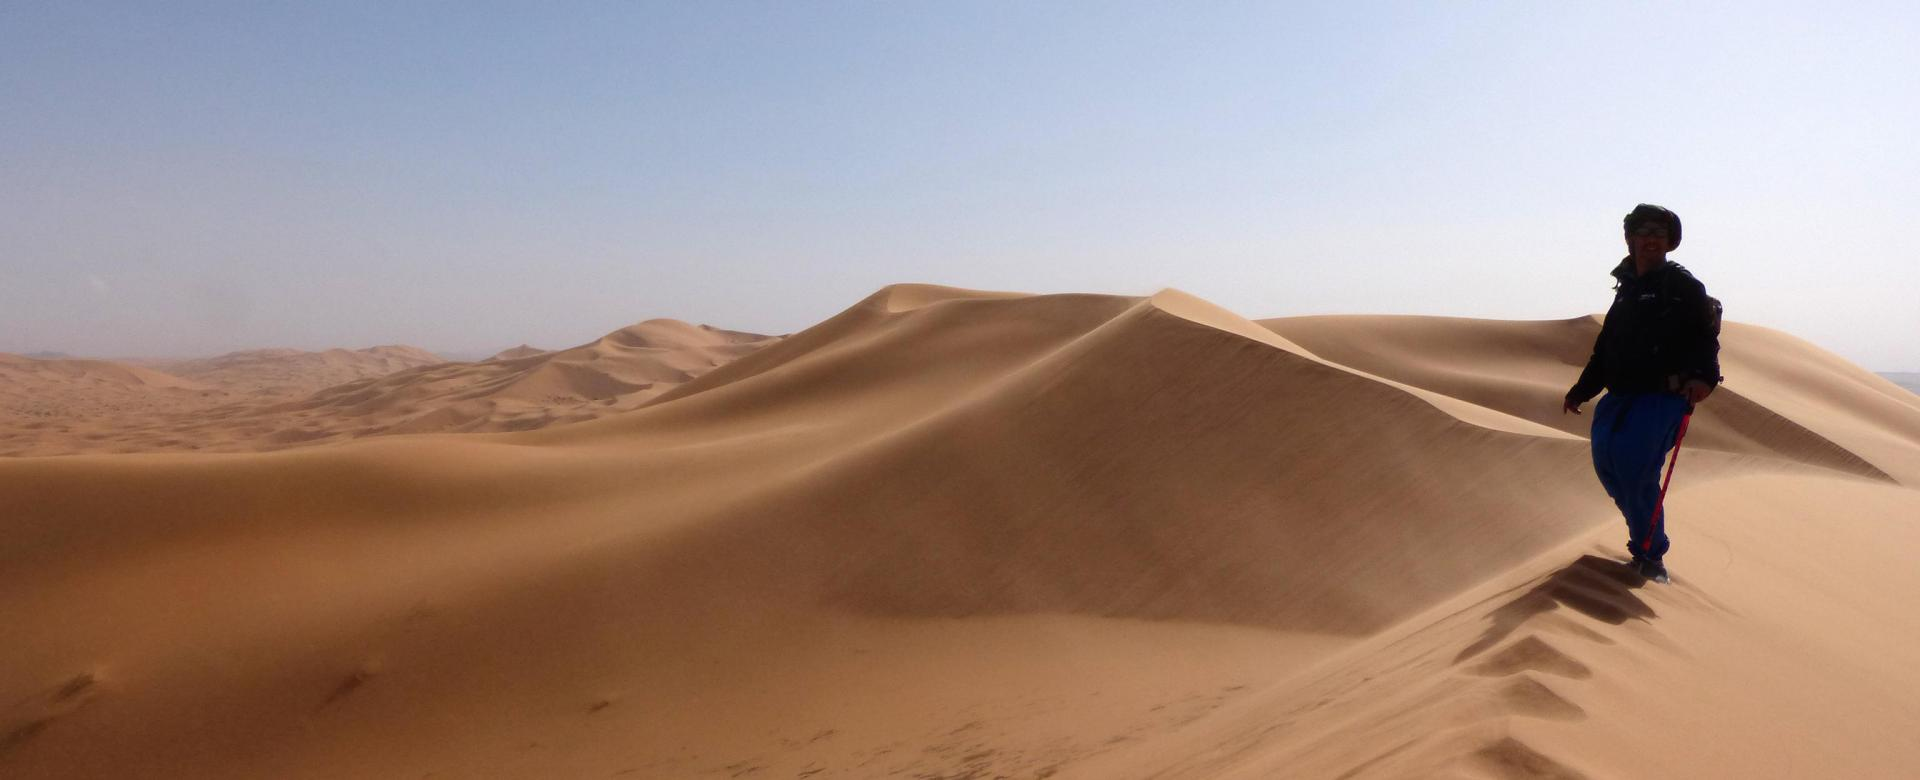 Voyage avec des animaux : Là-bas au sud, le désert